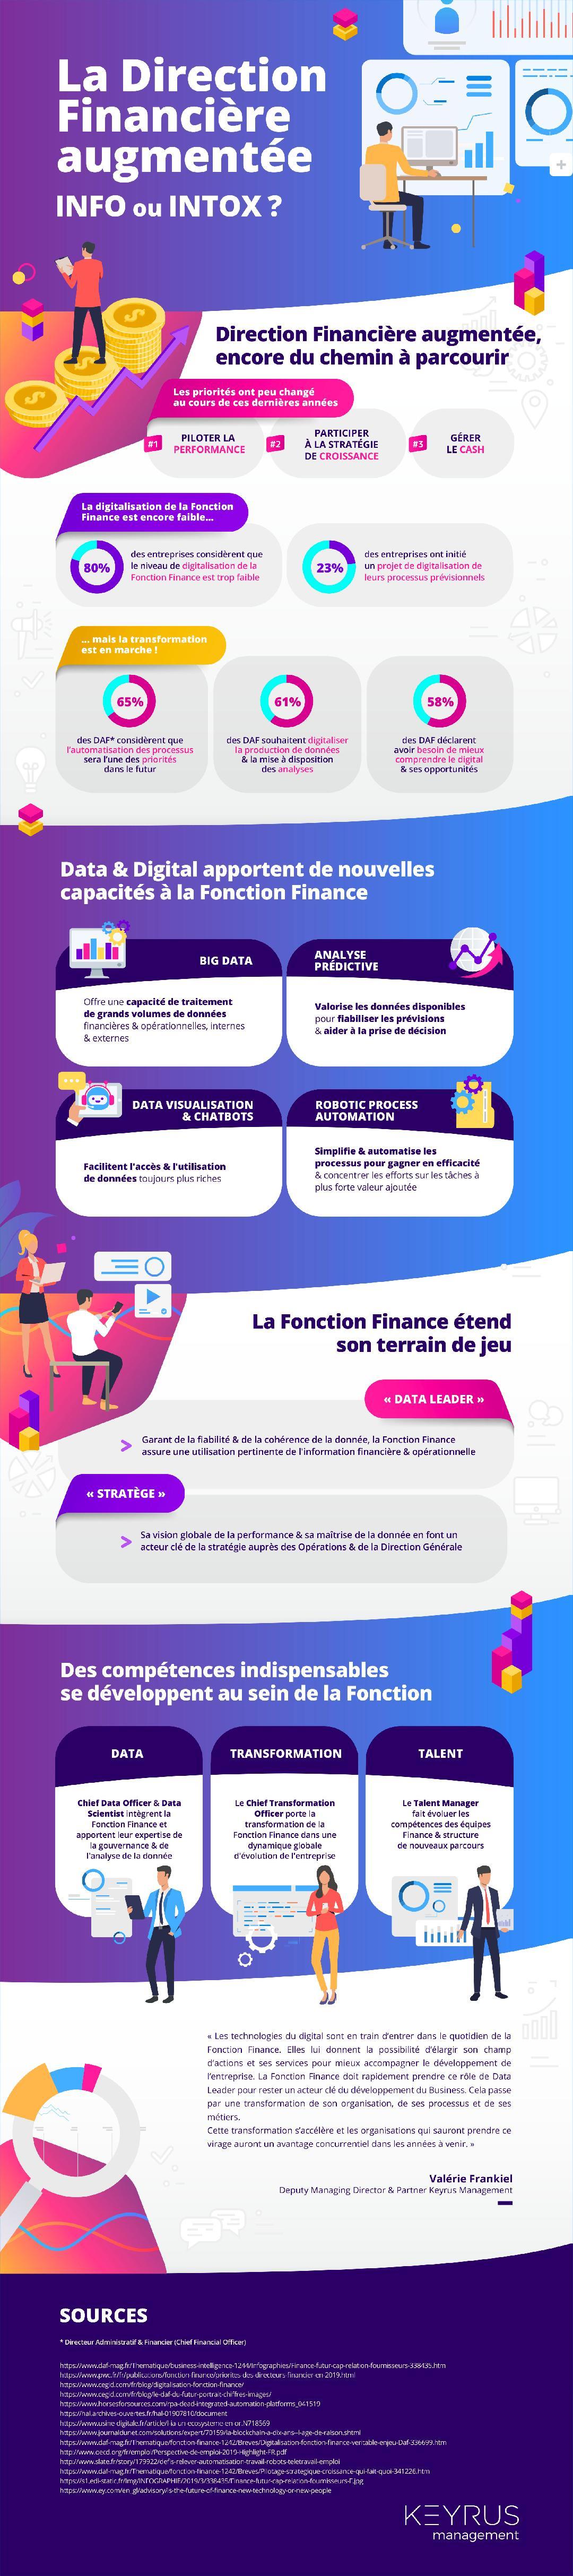 """Infographie Keyrus """"La Direction Financière augmentée, info ou intox ?"""""""